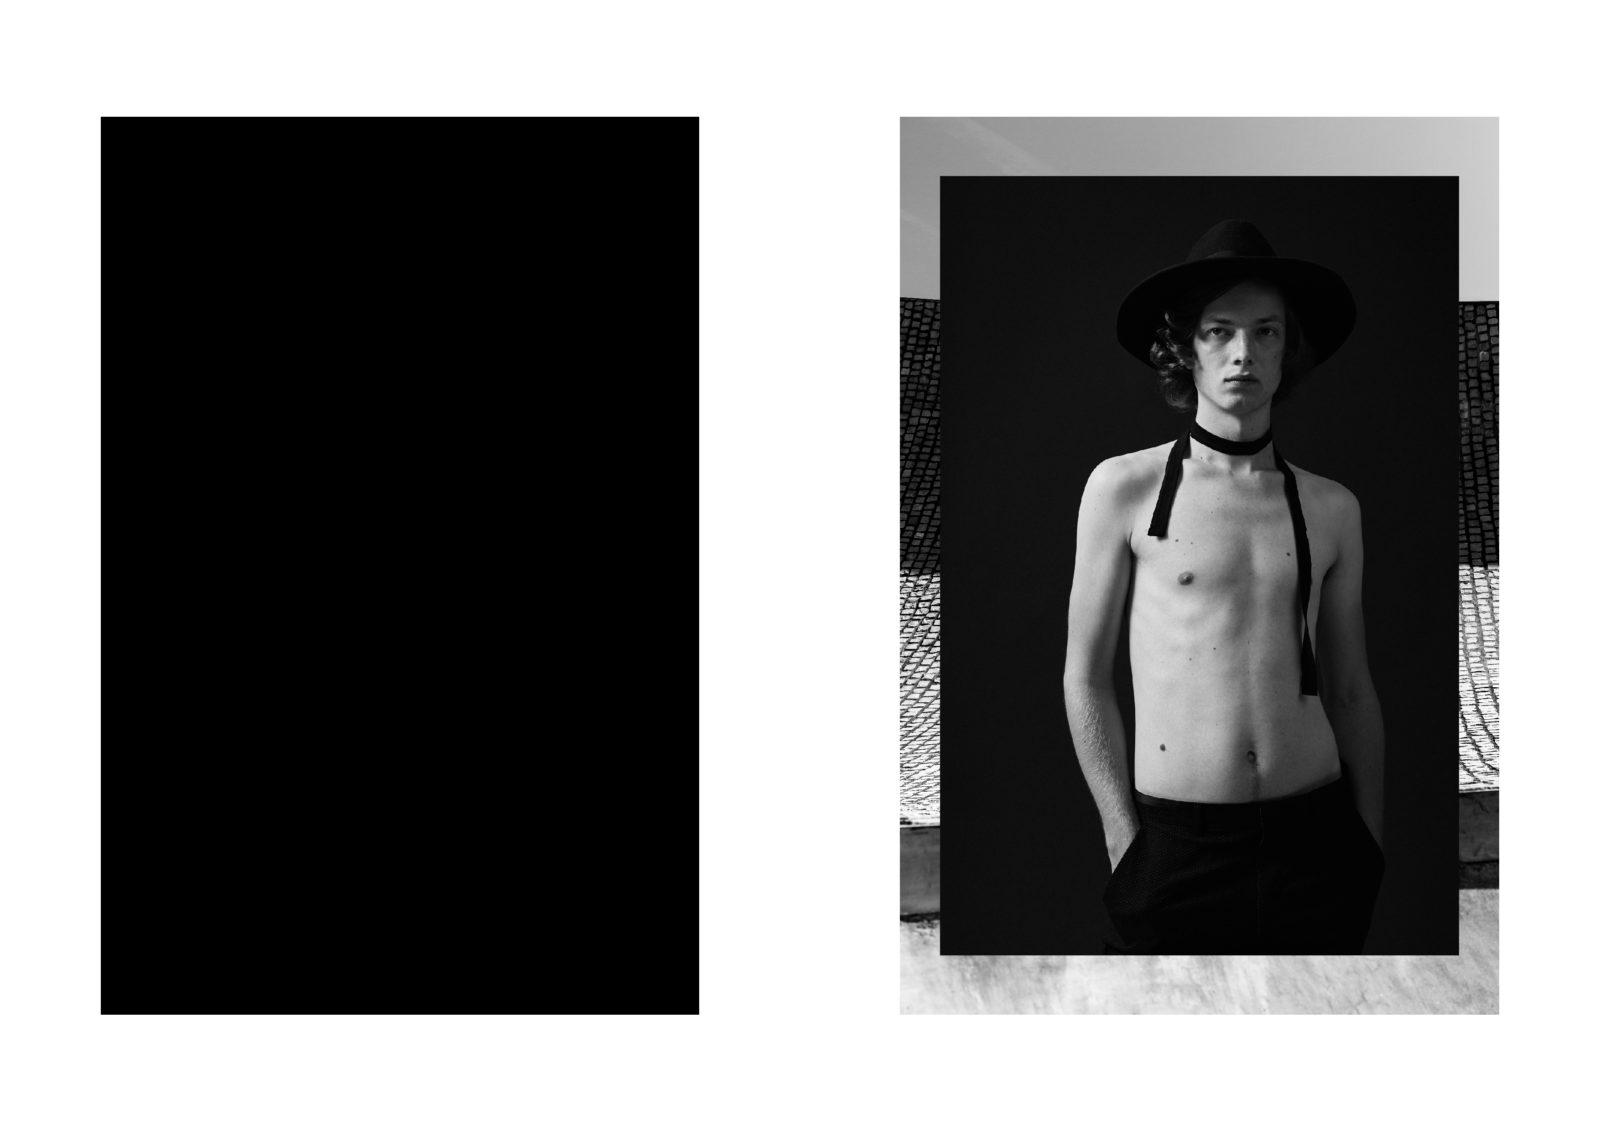 SIGNE | Menswear | Delft | Foto: Sven Signe den Hartogh | GROSS∆RTIG